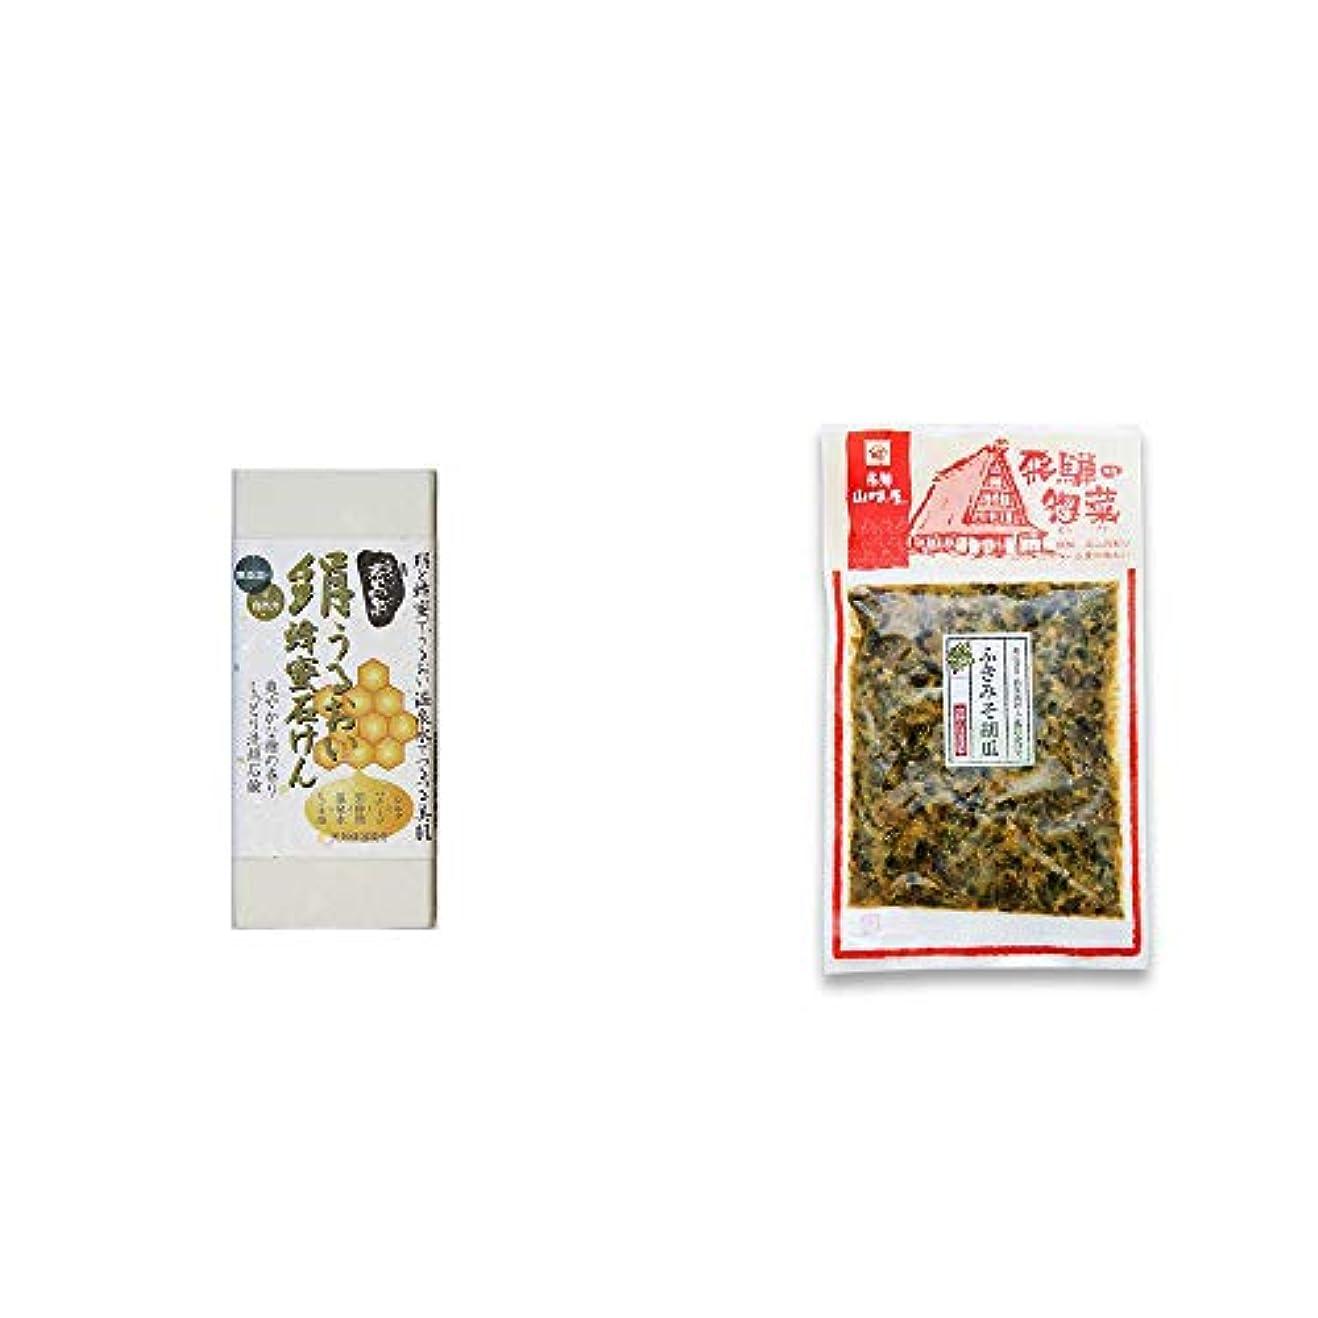 ショルダー円周ひどく[2点セット] ひのき炭黒泉 絹うるおい蜂蜜石けん(75g×2)?飛騨山味屋 ふきみそ胡瓜(120g)